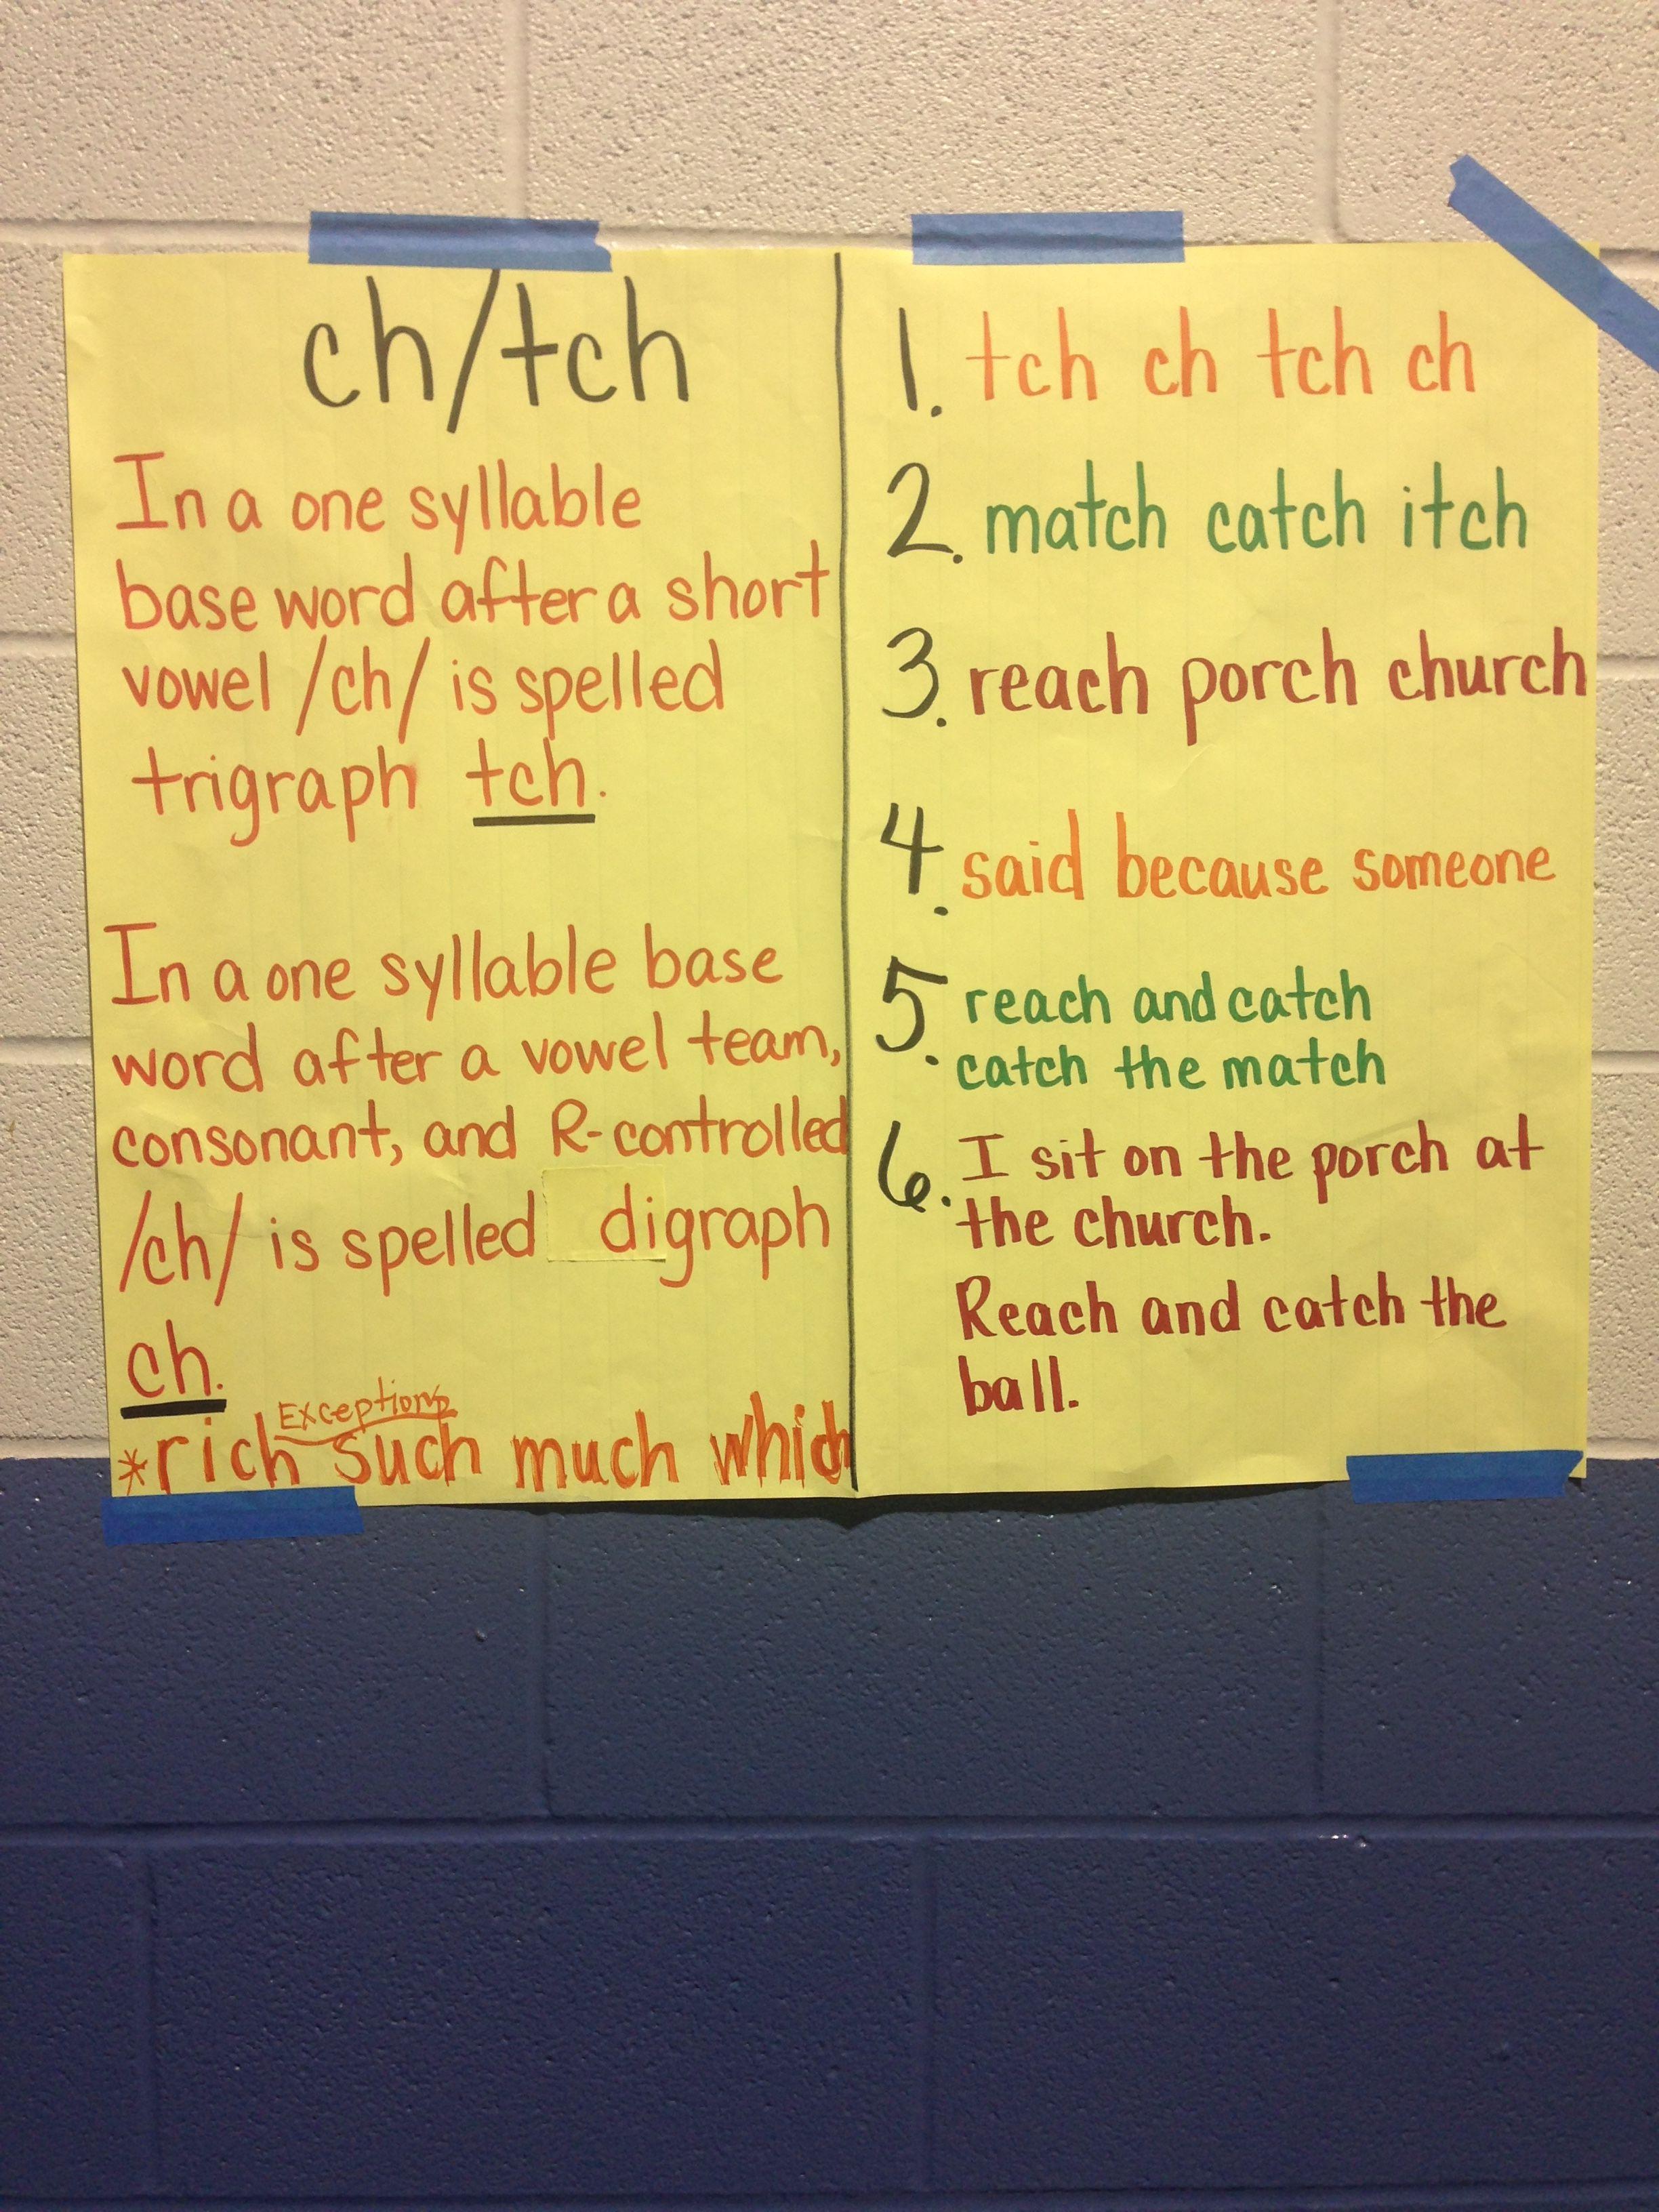 Phonics Ch Tch Rule